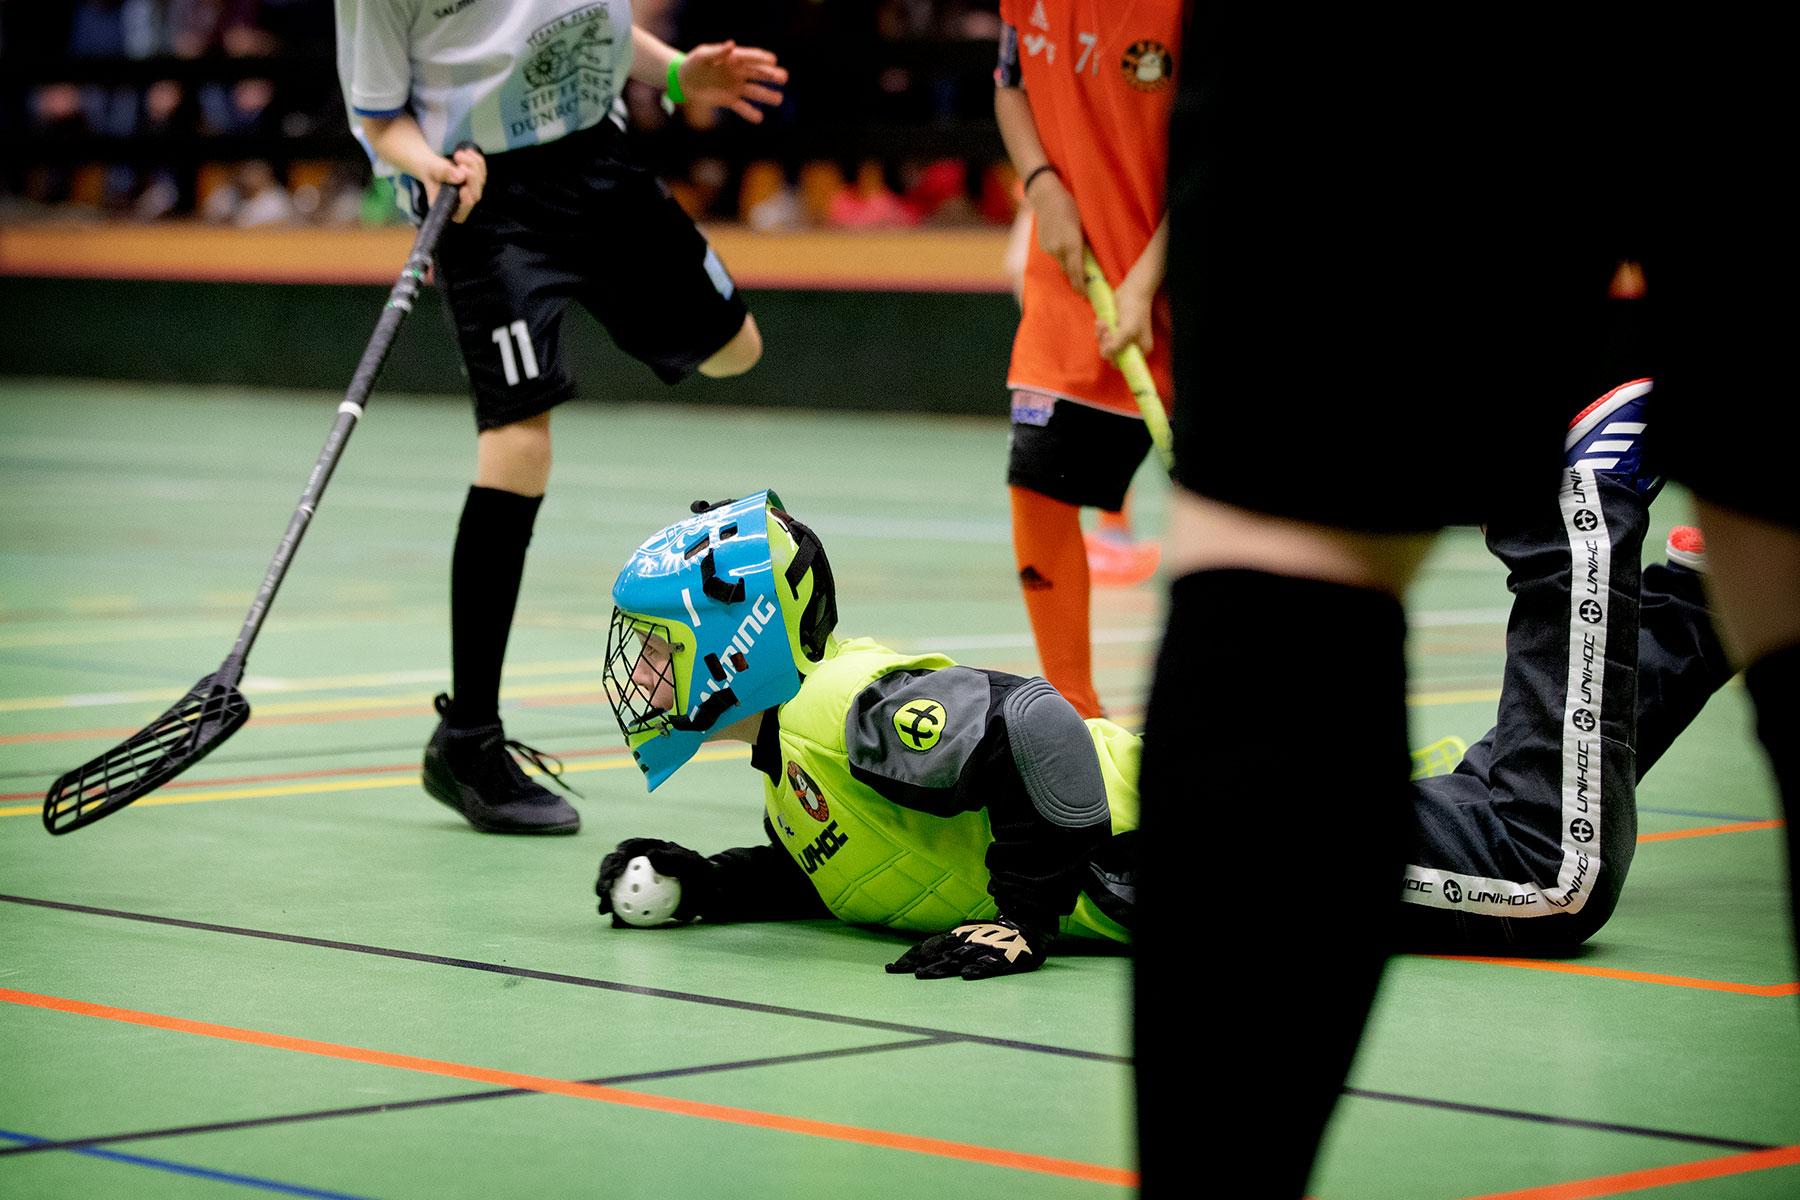 blogg-190407varbergsspelen21.jpg